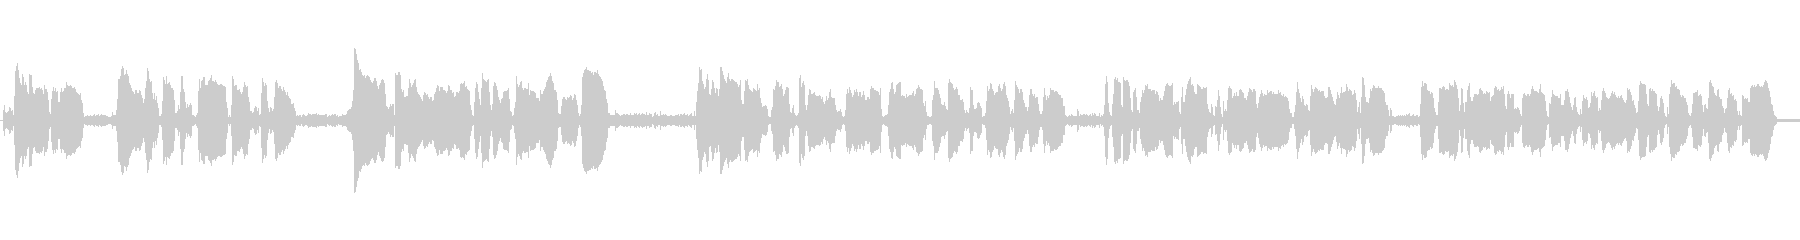 スピーキングチェロキーその他の人間の声の未再生の波形